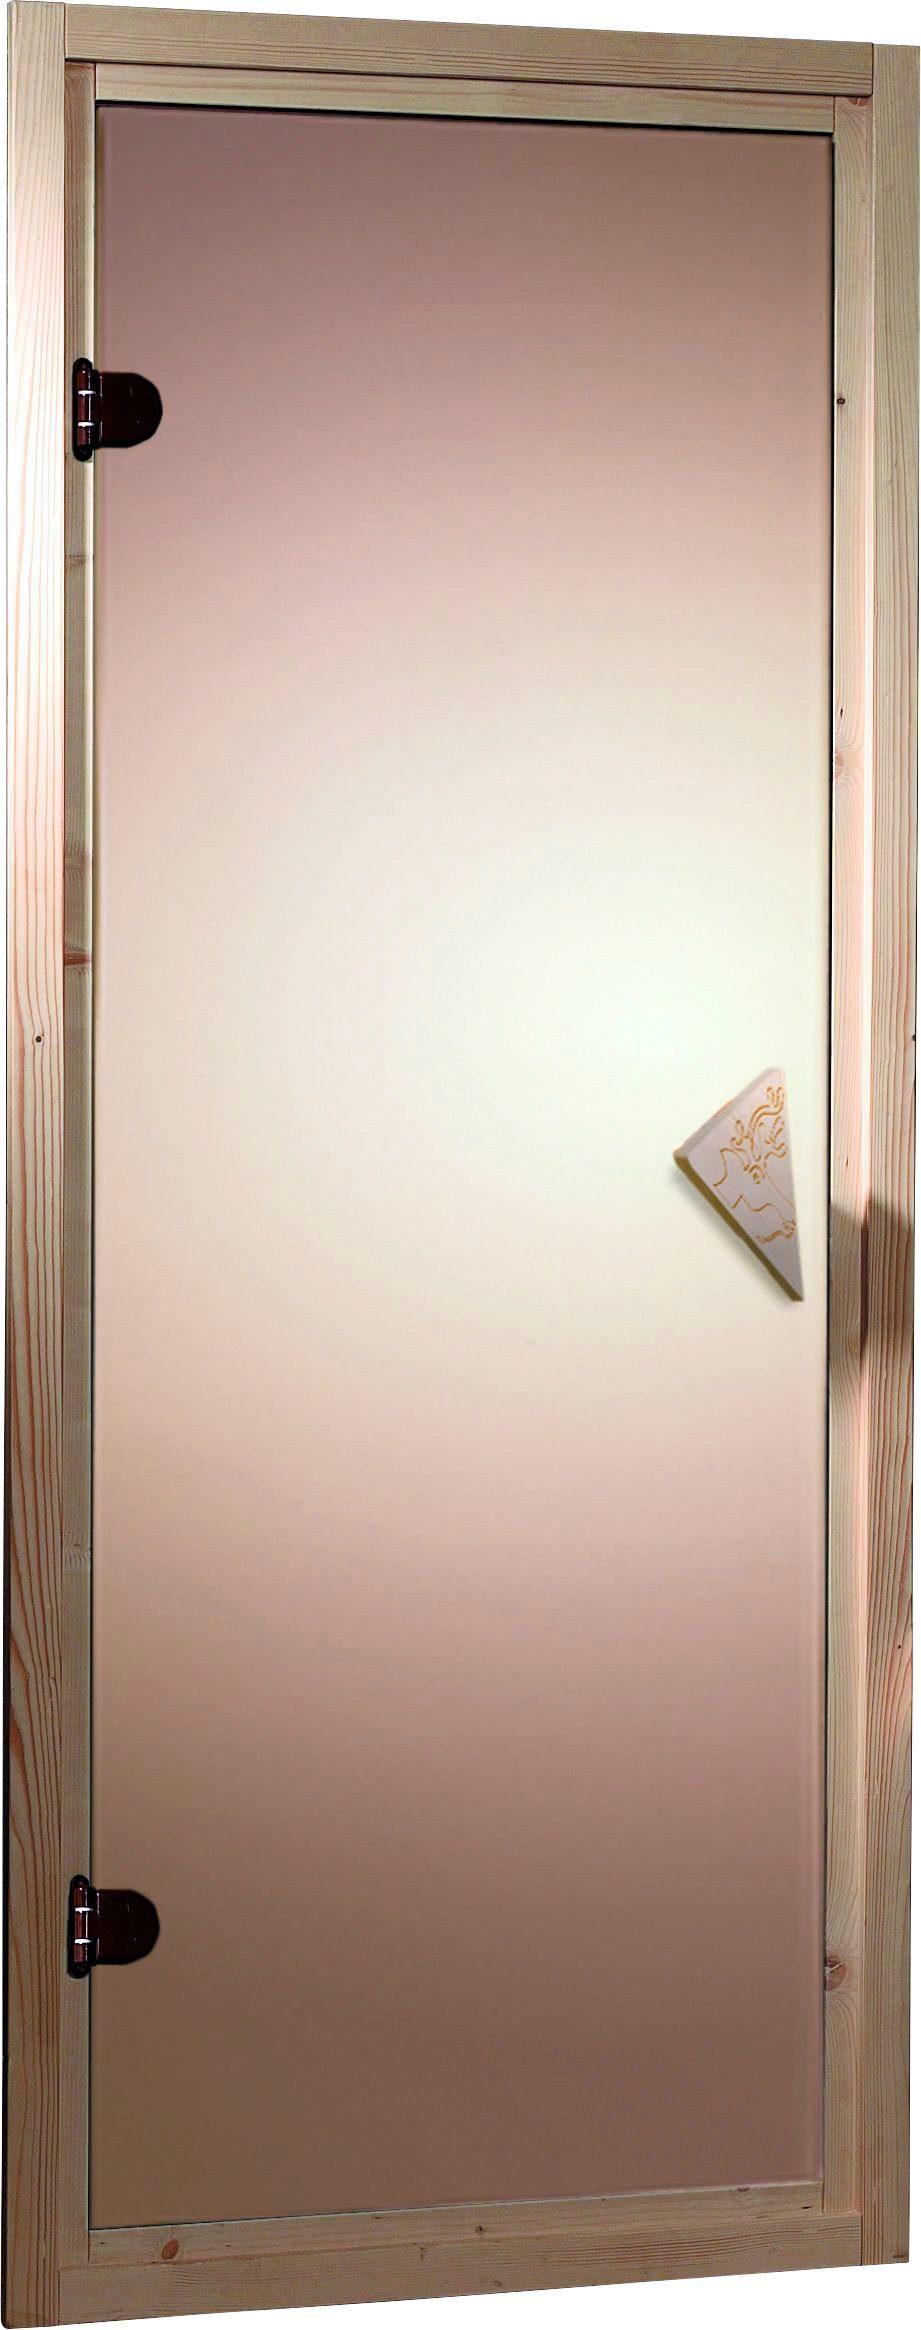 KARIBU Saunatür , für 38/40 mm Sauna, BxH: 64x173 cm